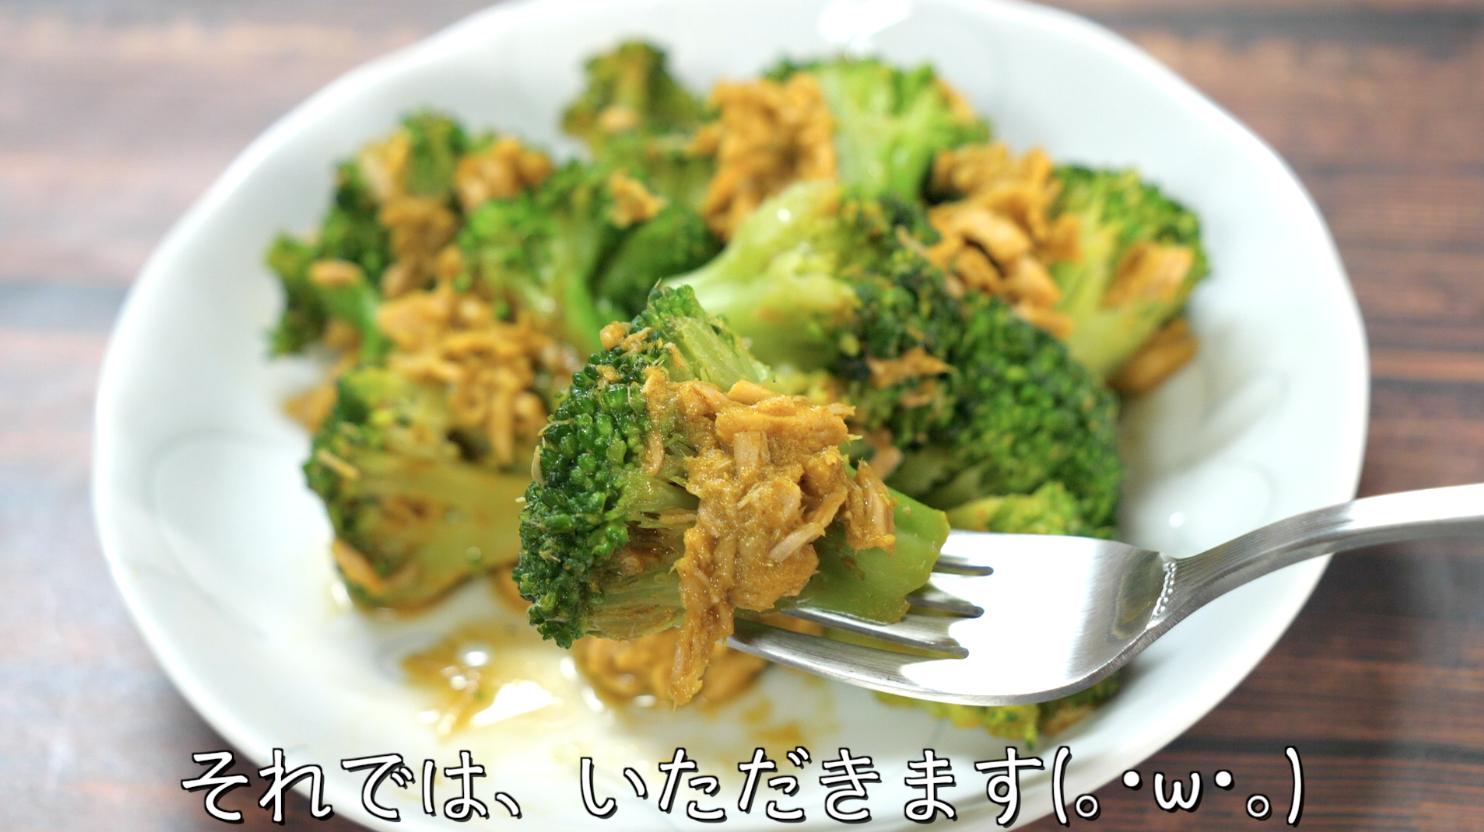 ブロッコリー レシピ 簡単 サラダ